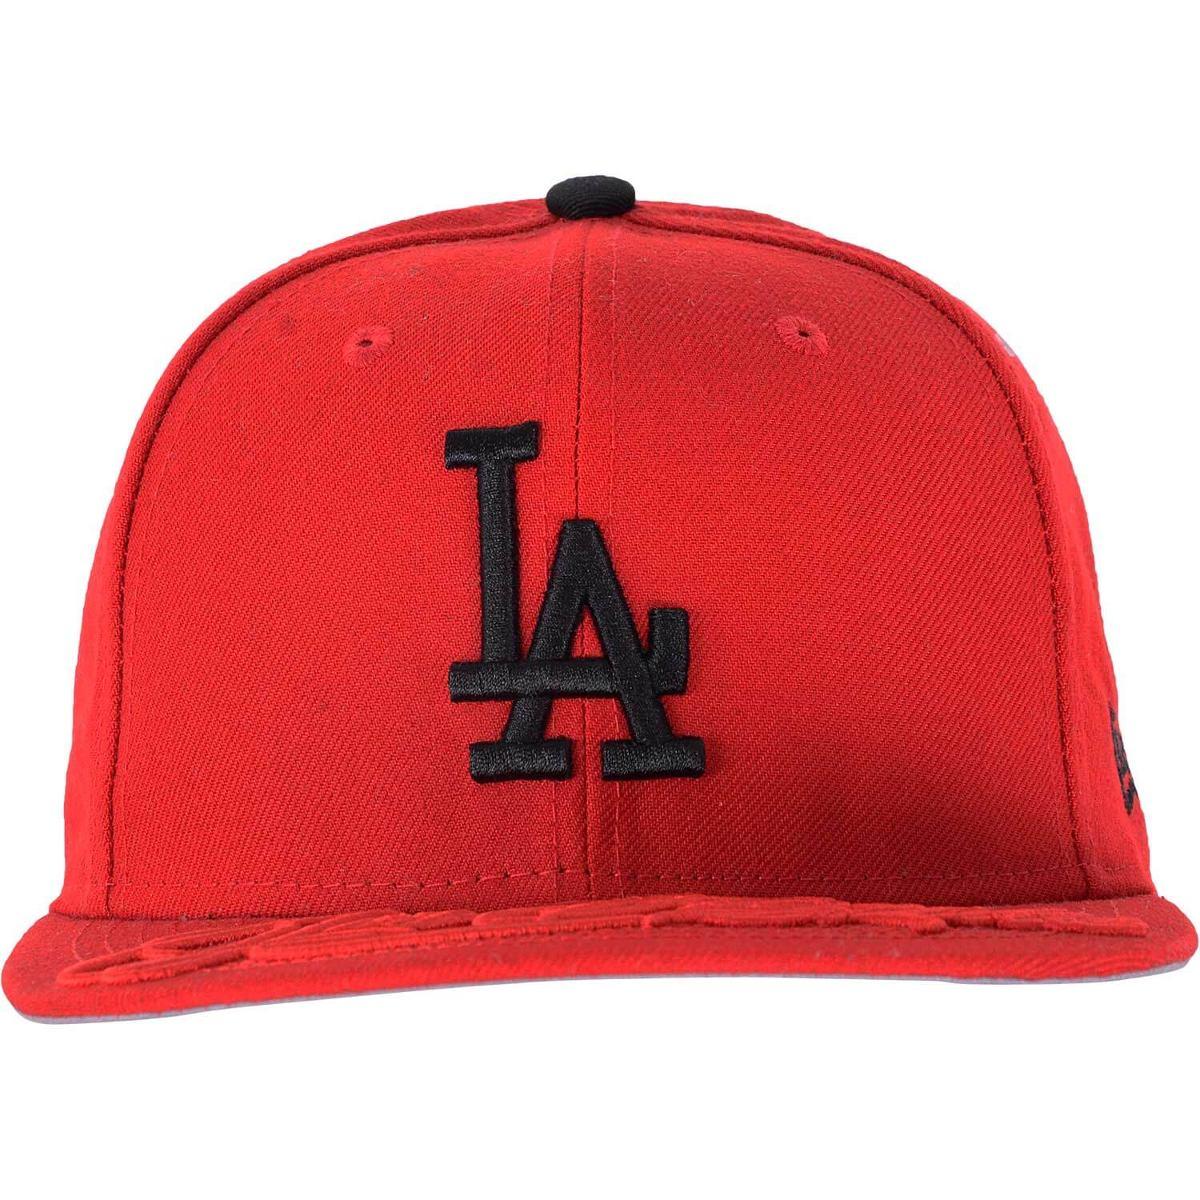 b6125ba487c15 Boné New Era La Dodgers Word Sway Vermelho - R  49